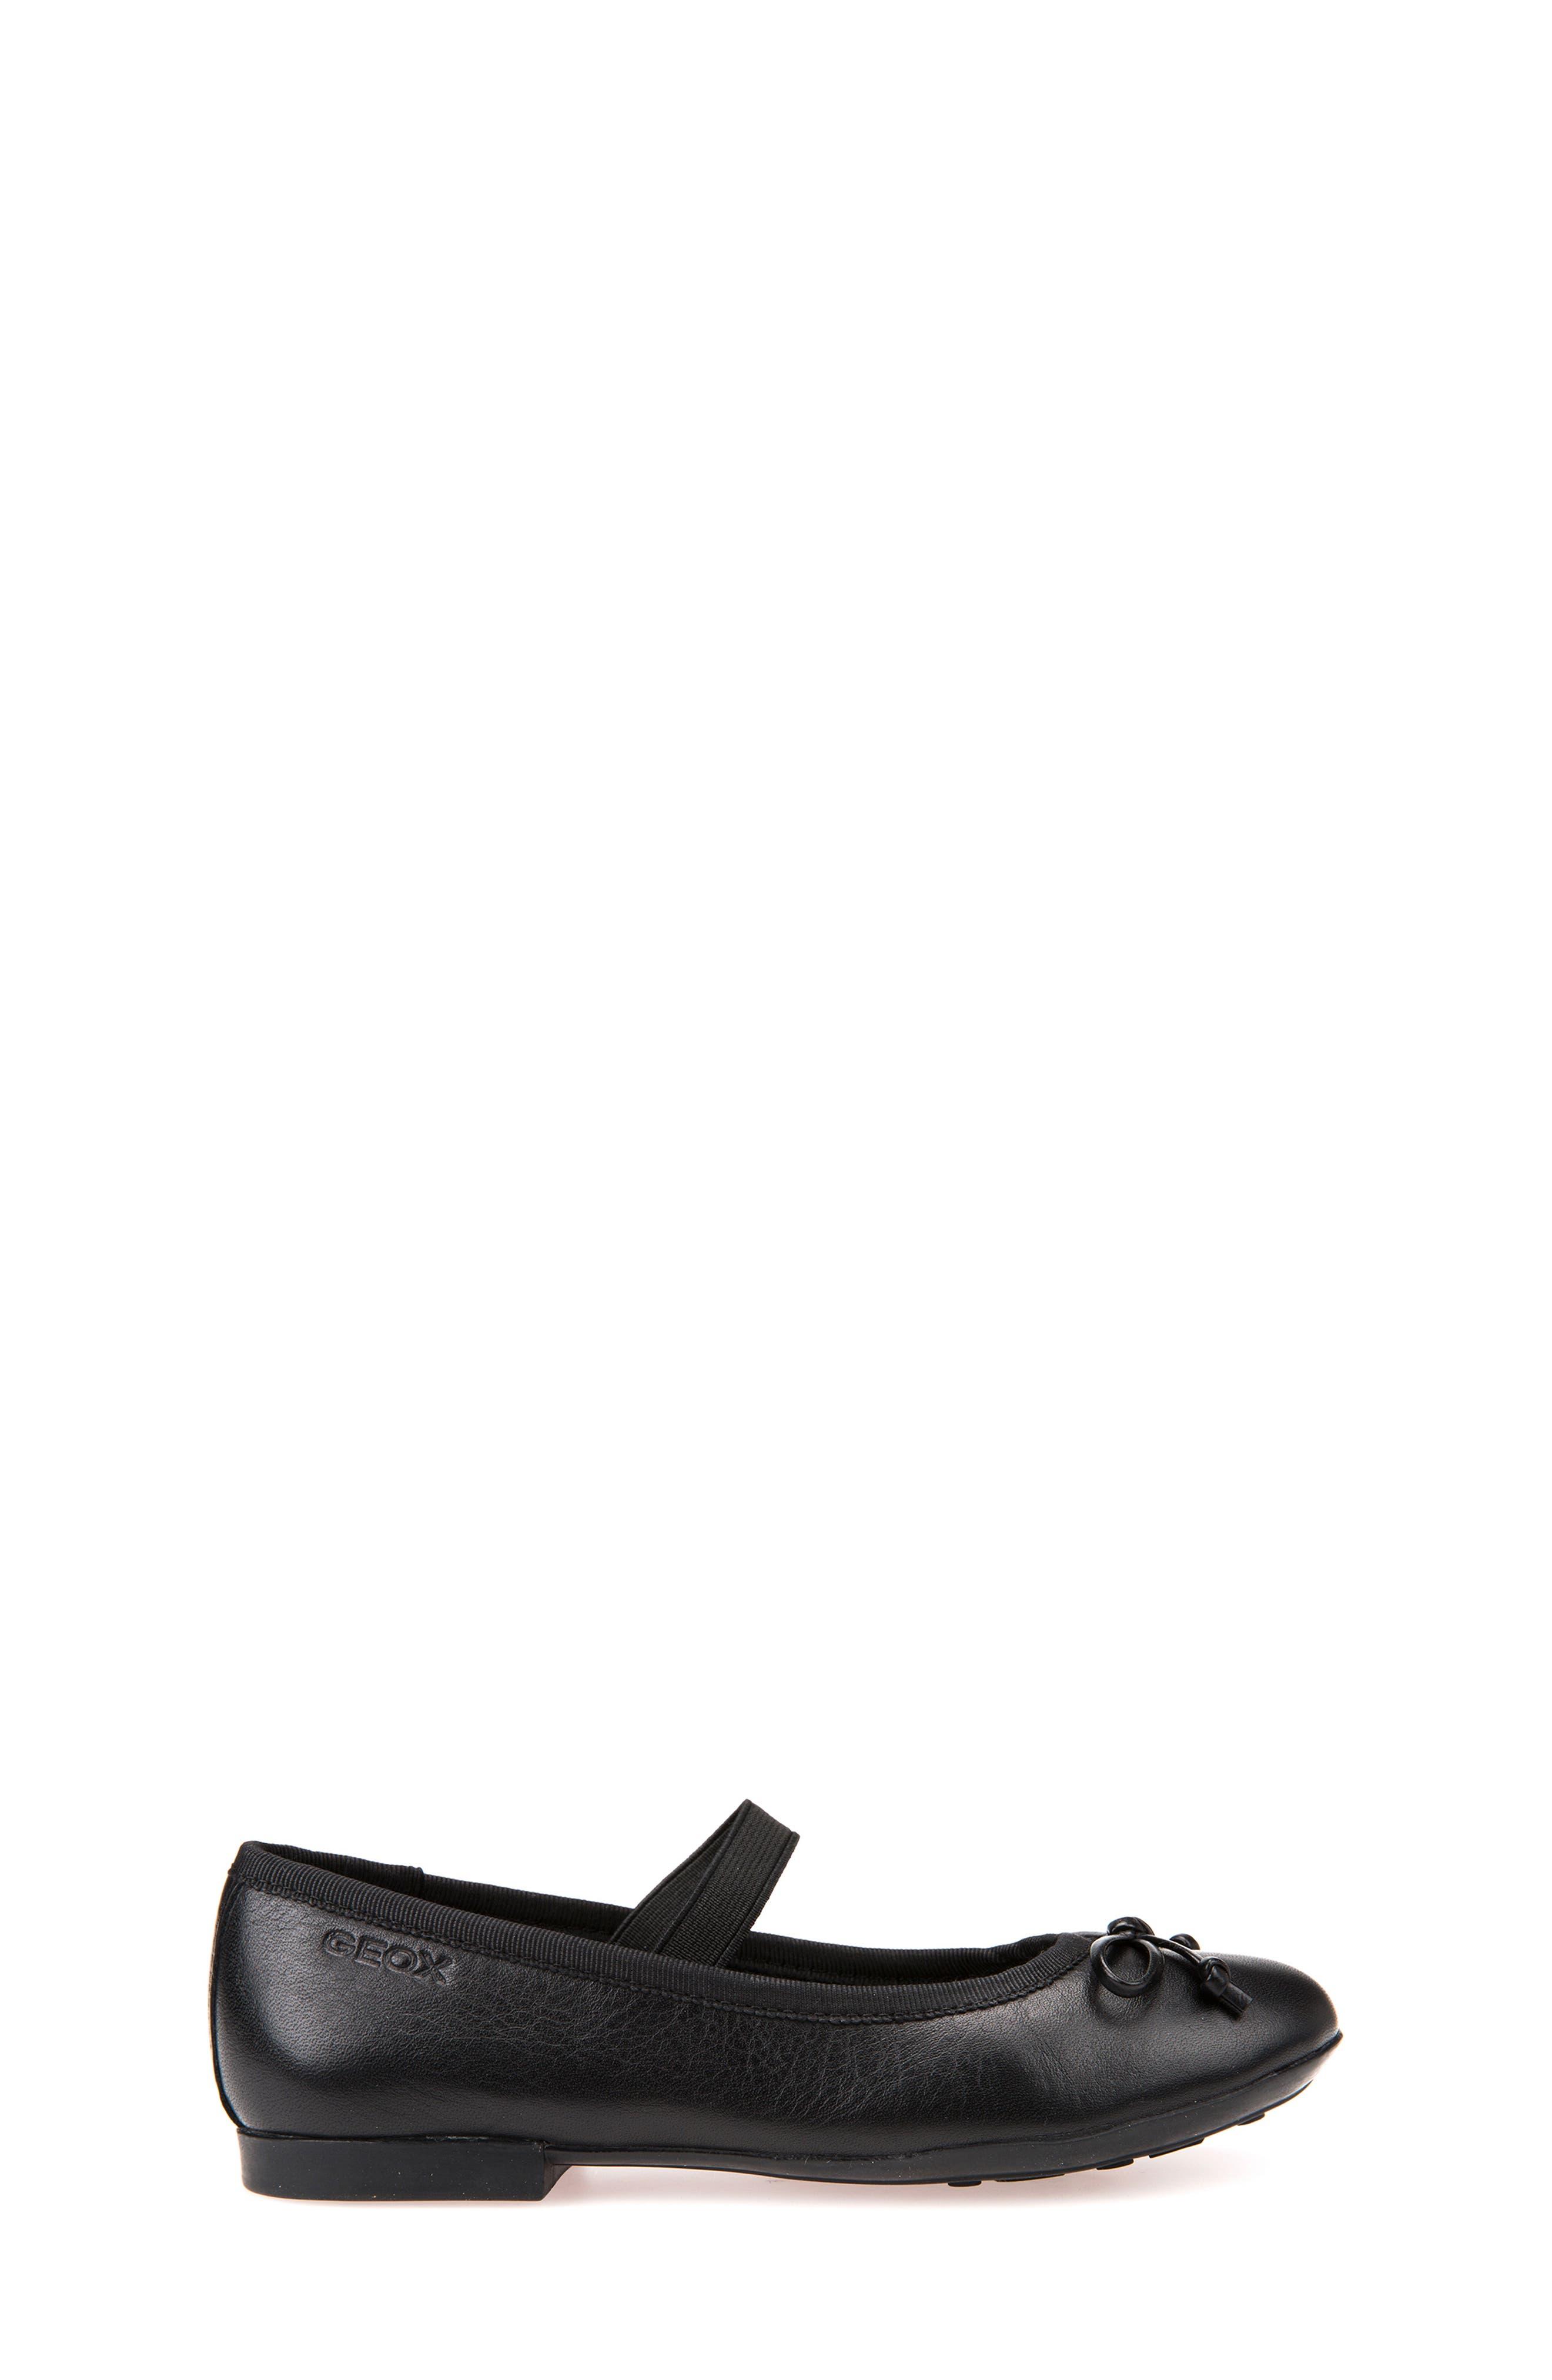 Plie Leather Ballet Flat,                             Alternate thumbnail 3, color,                             BLACK